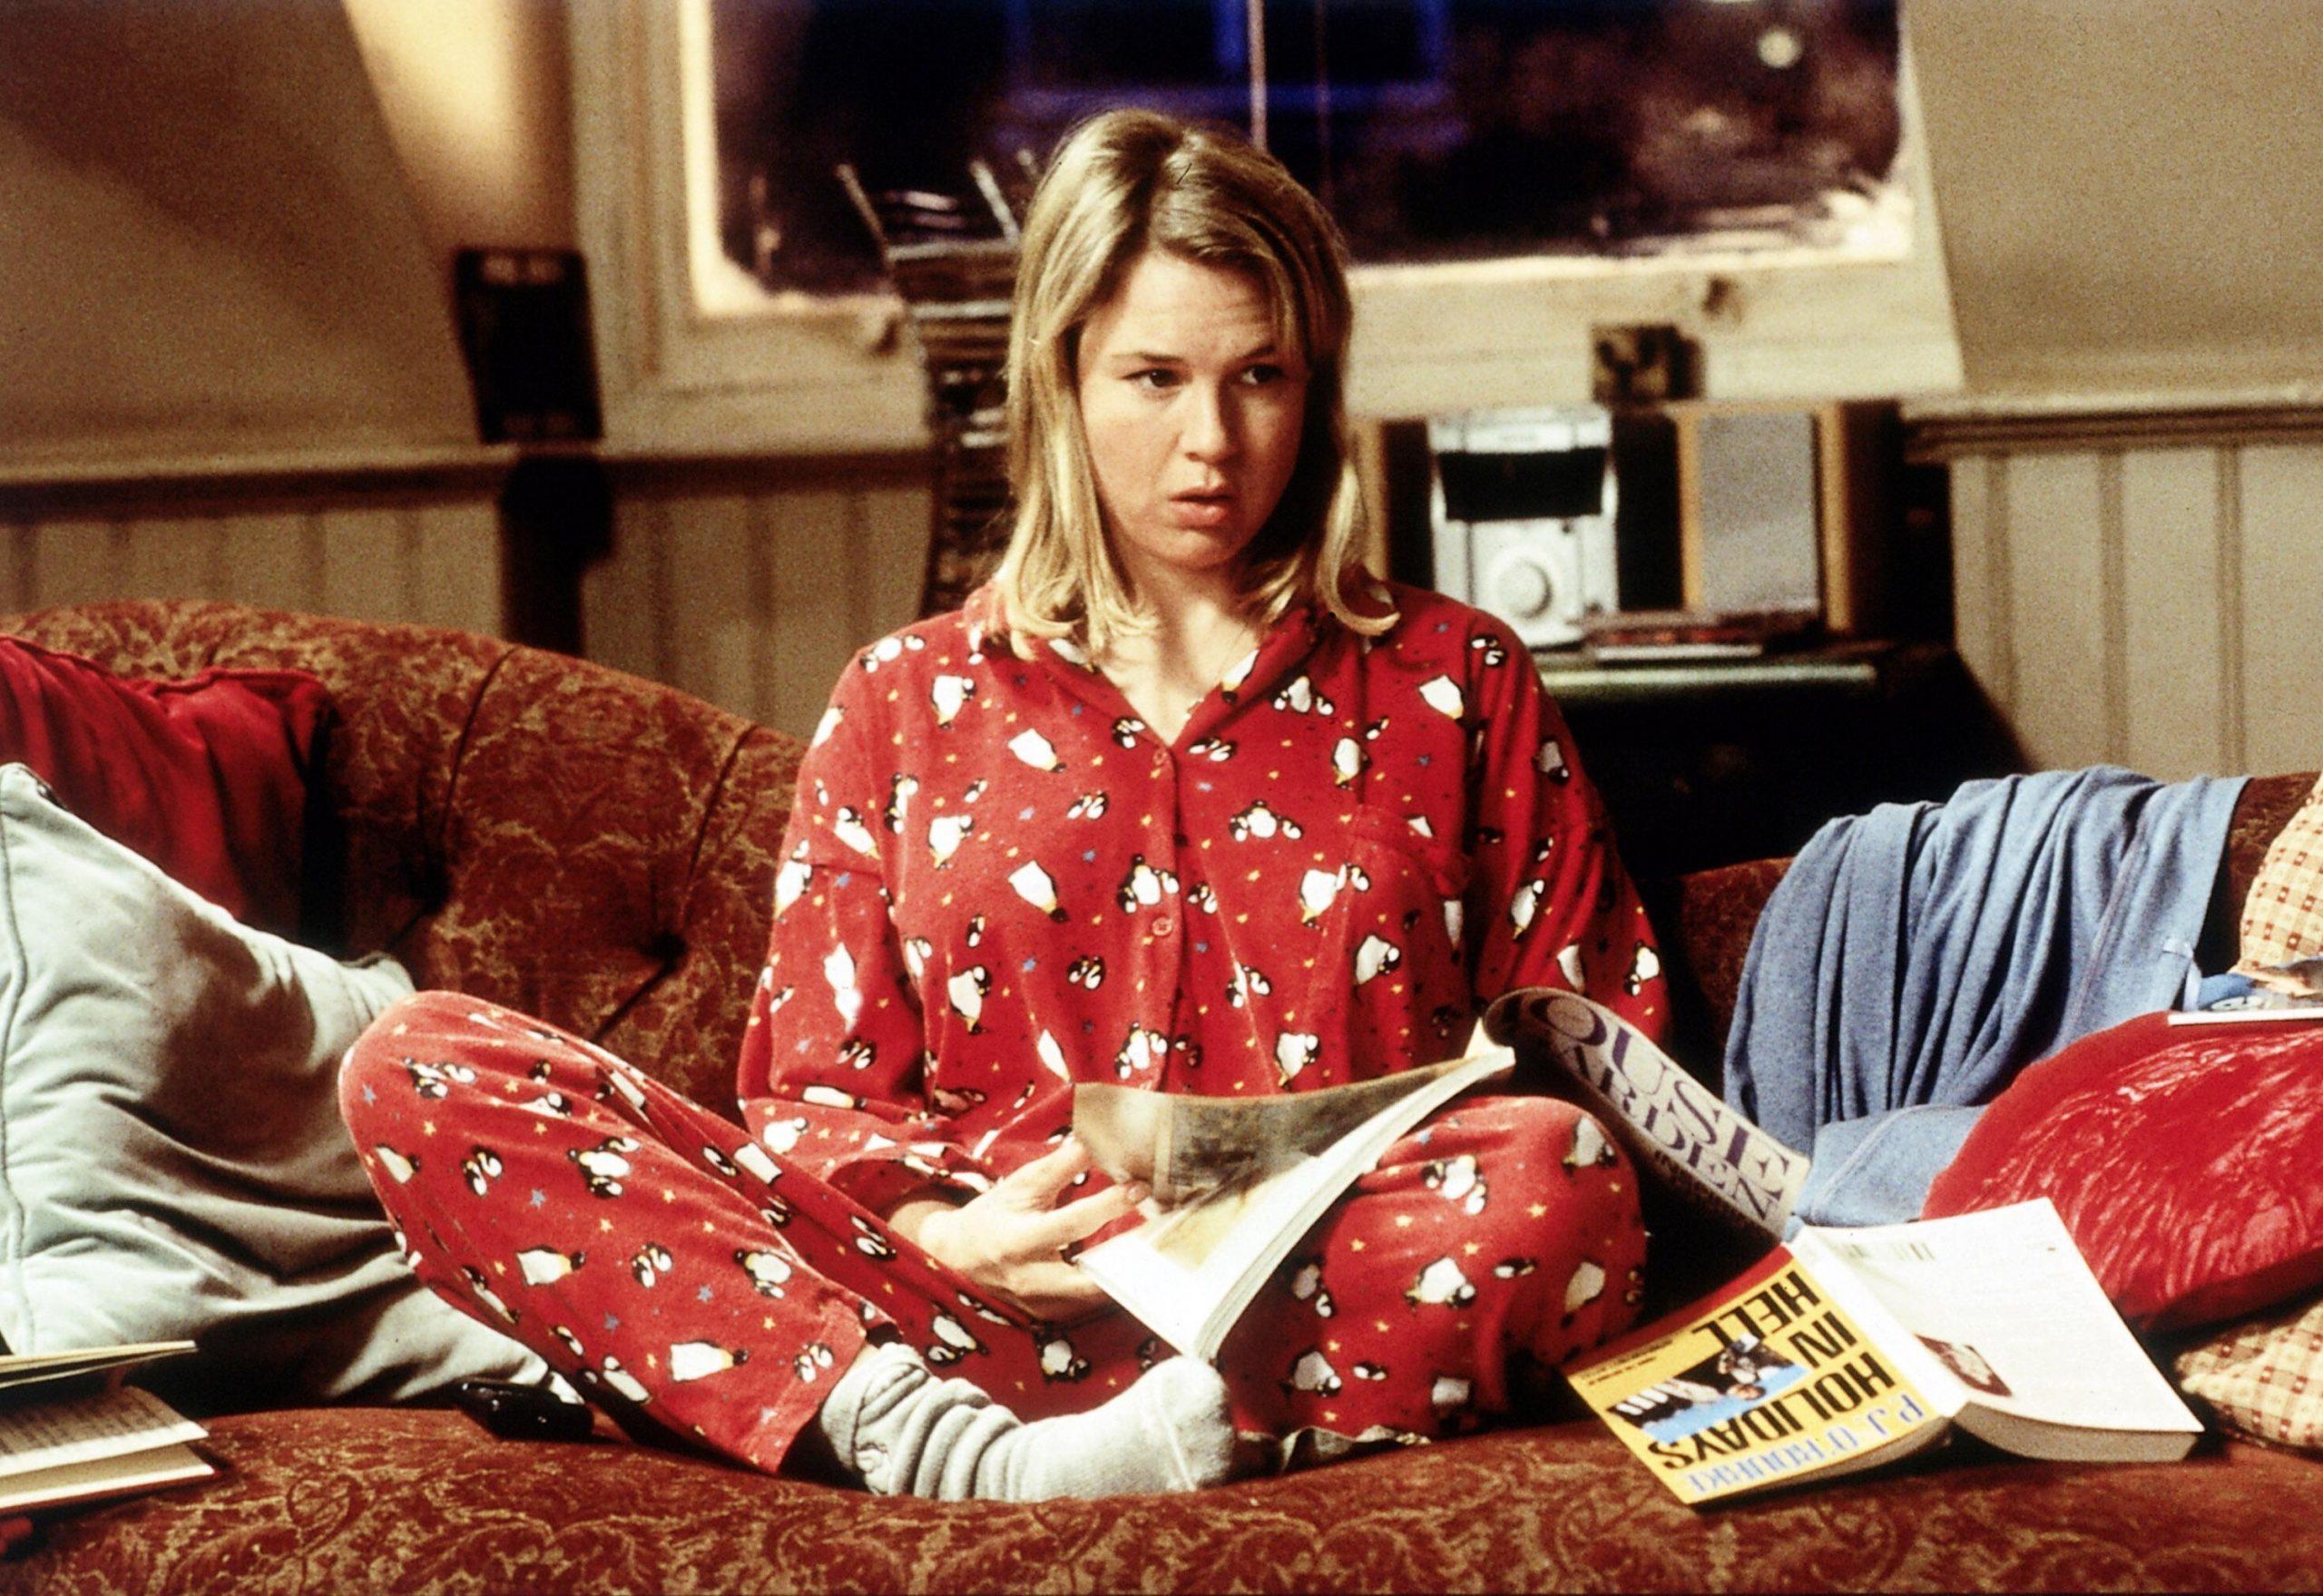 An image from Bridget Jones's Diary showing Bridget in her pyjamas